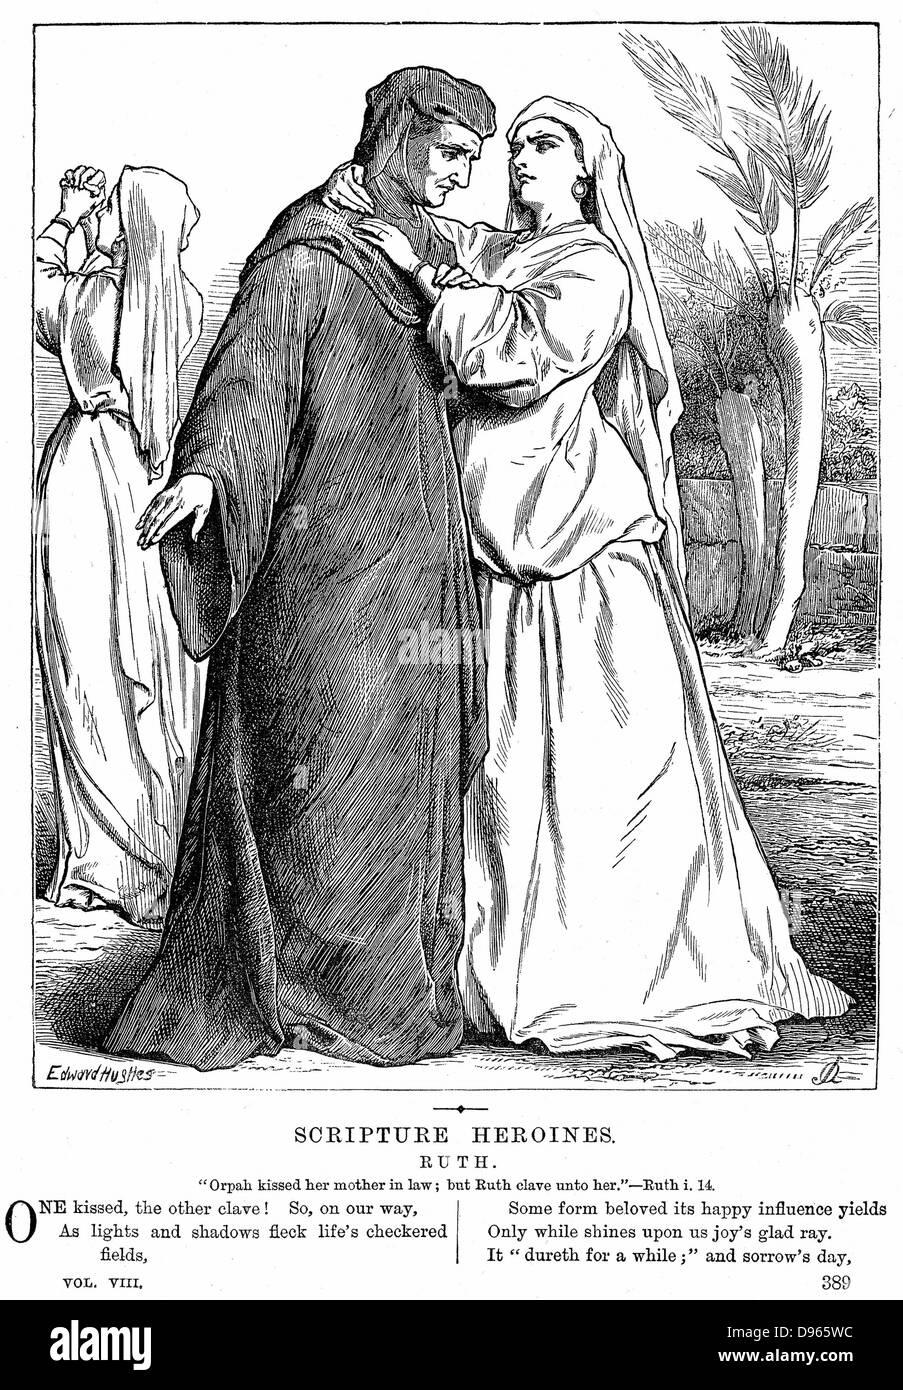 Ruth embrassant sa belle-mère.'' 2 Bible Ruth 1.14. La gravure sur bois de 1873. Photo Stock